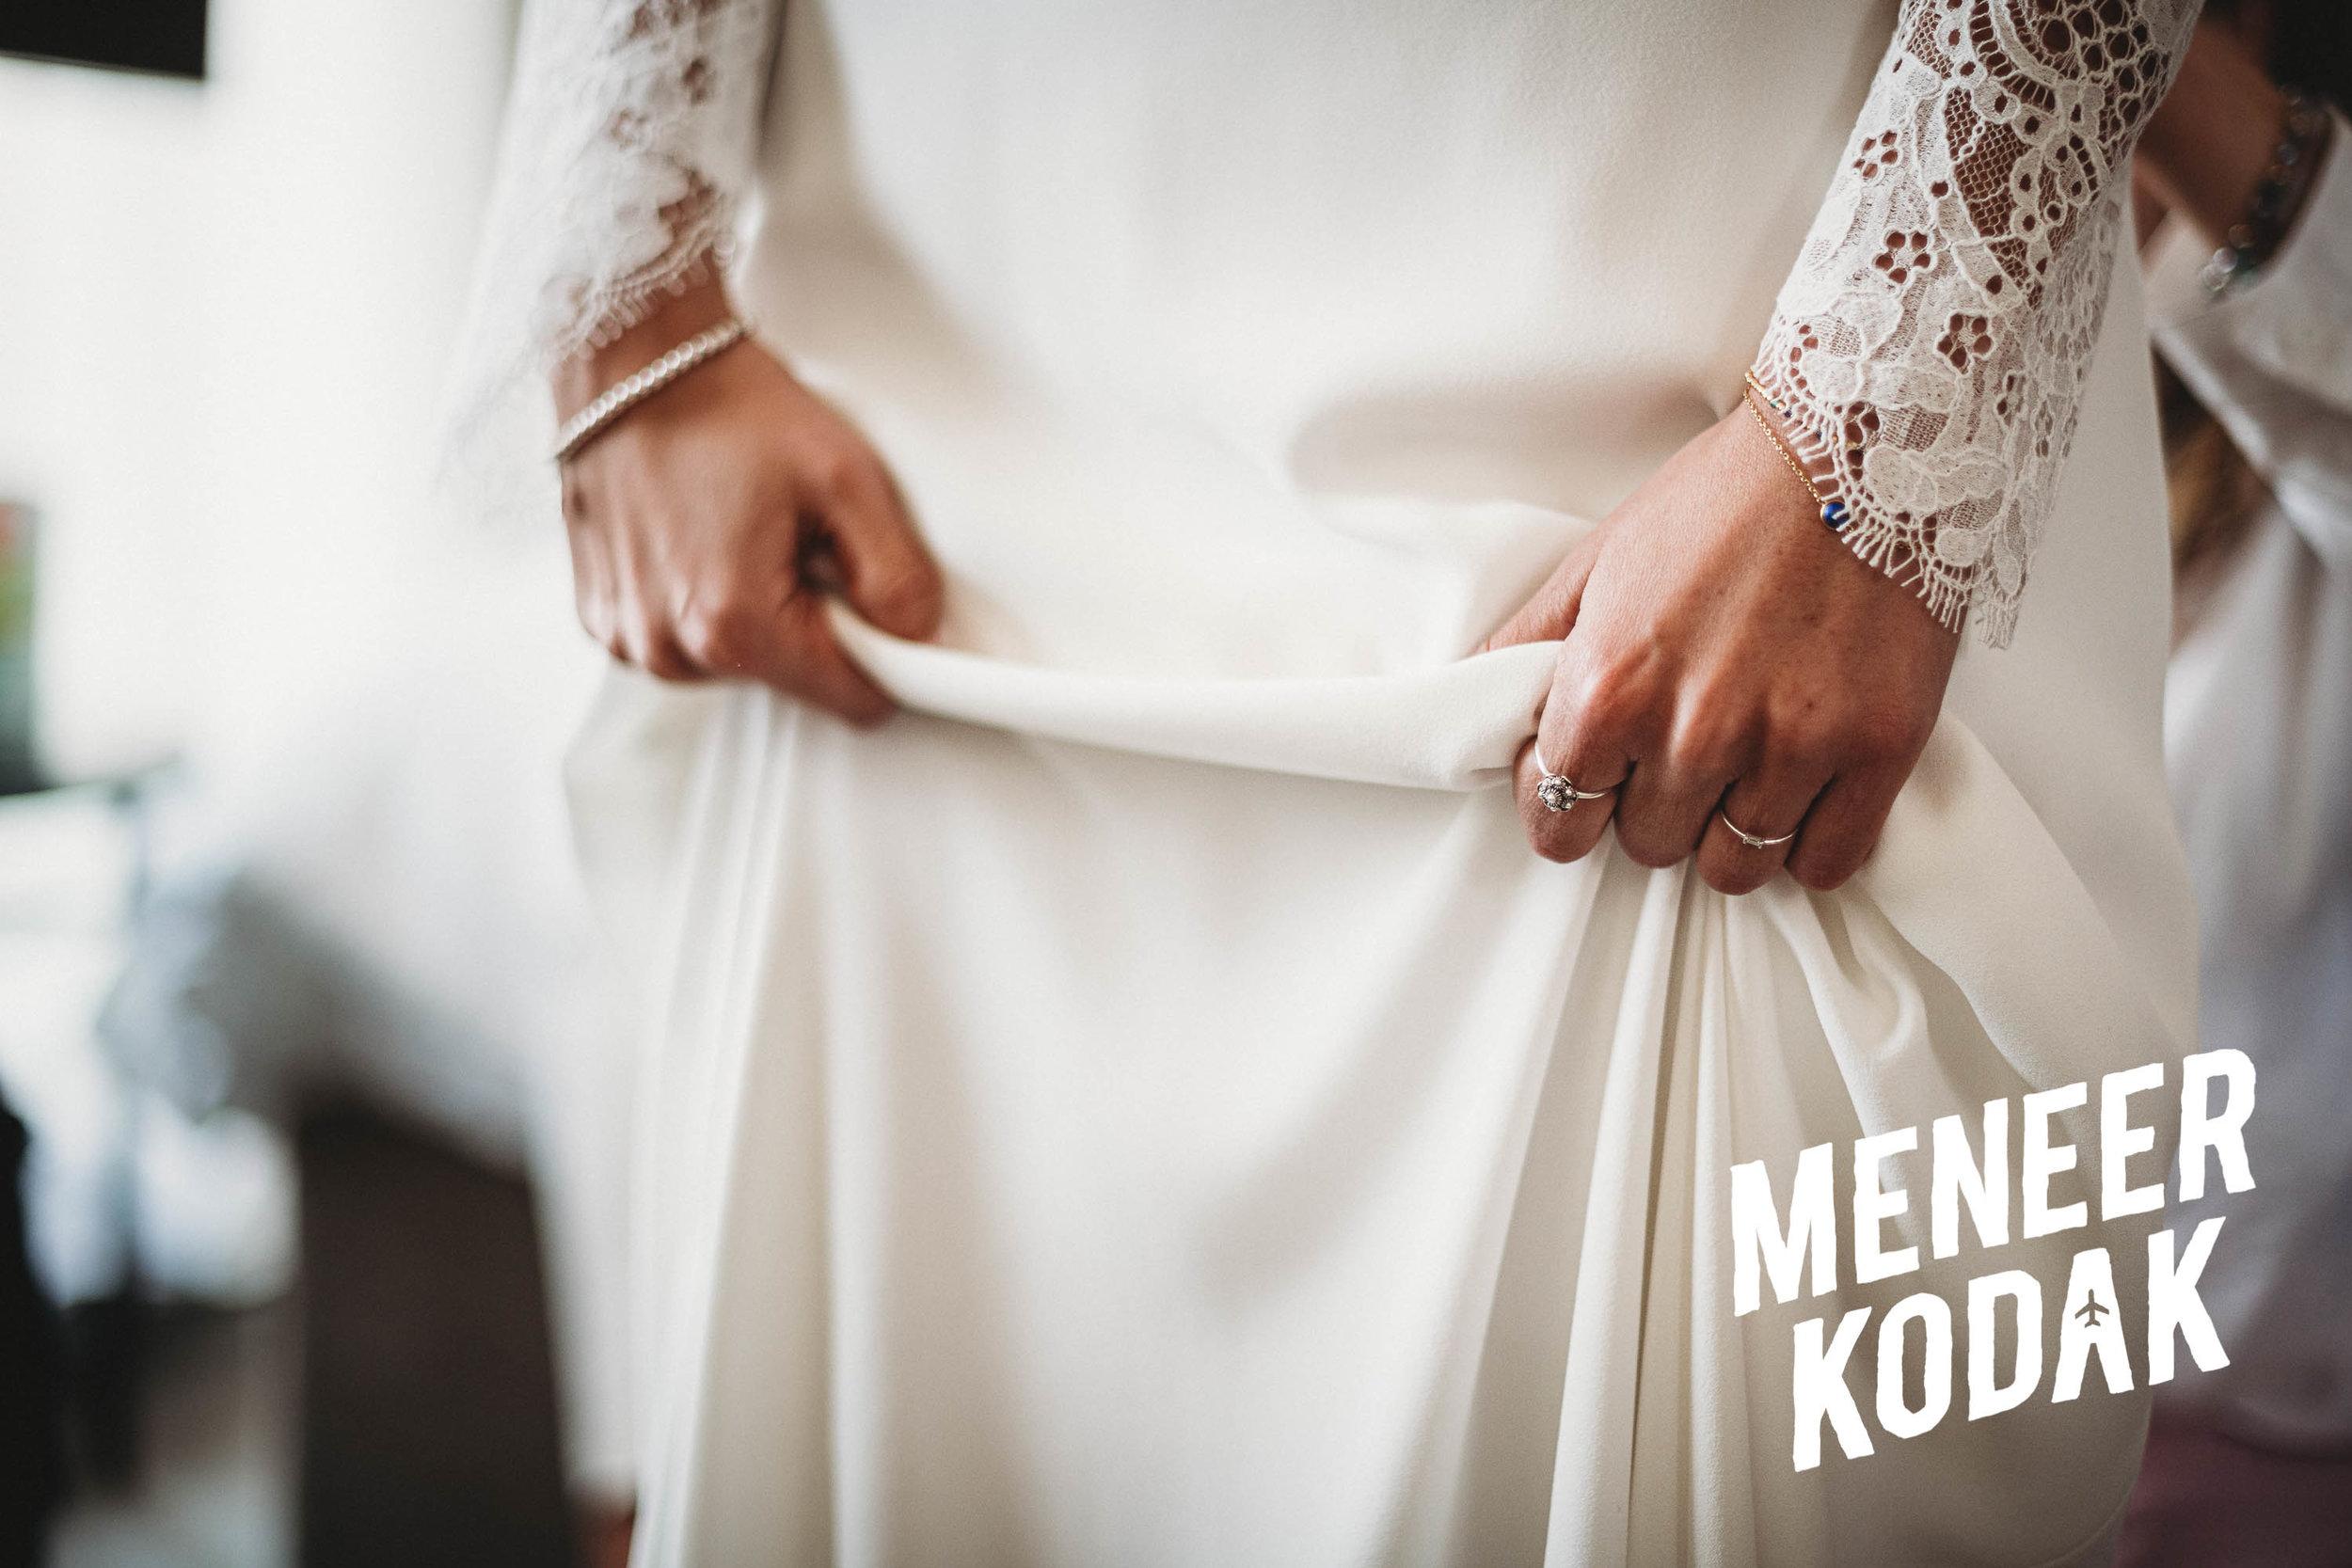 Meneer Kodak - Bruidsfotograaf - Amsterdam - M&J-010.jpg